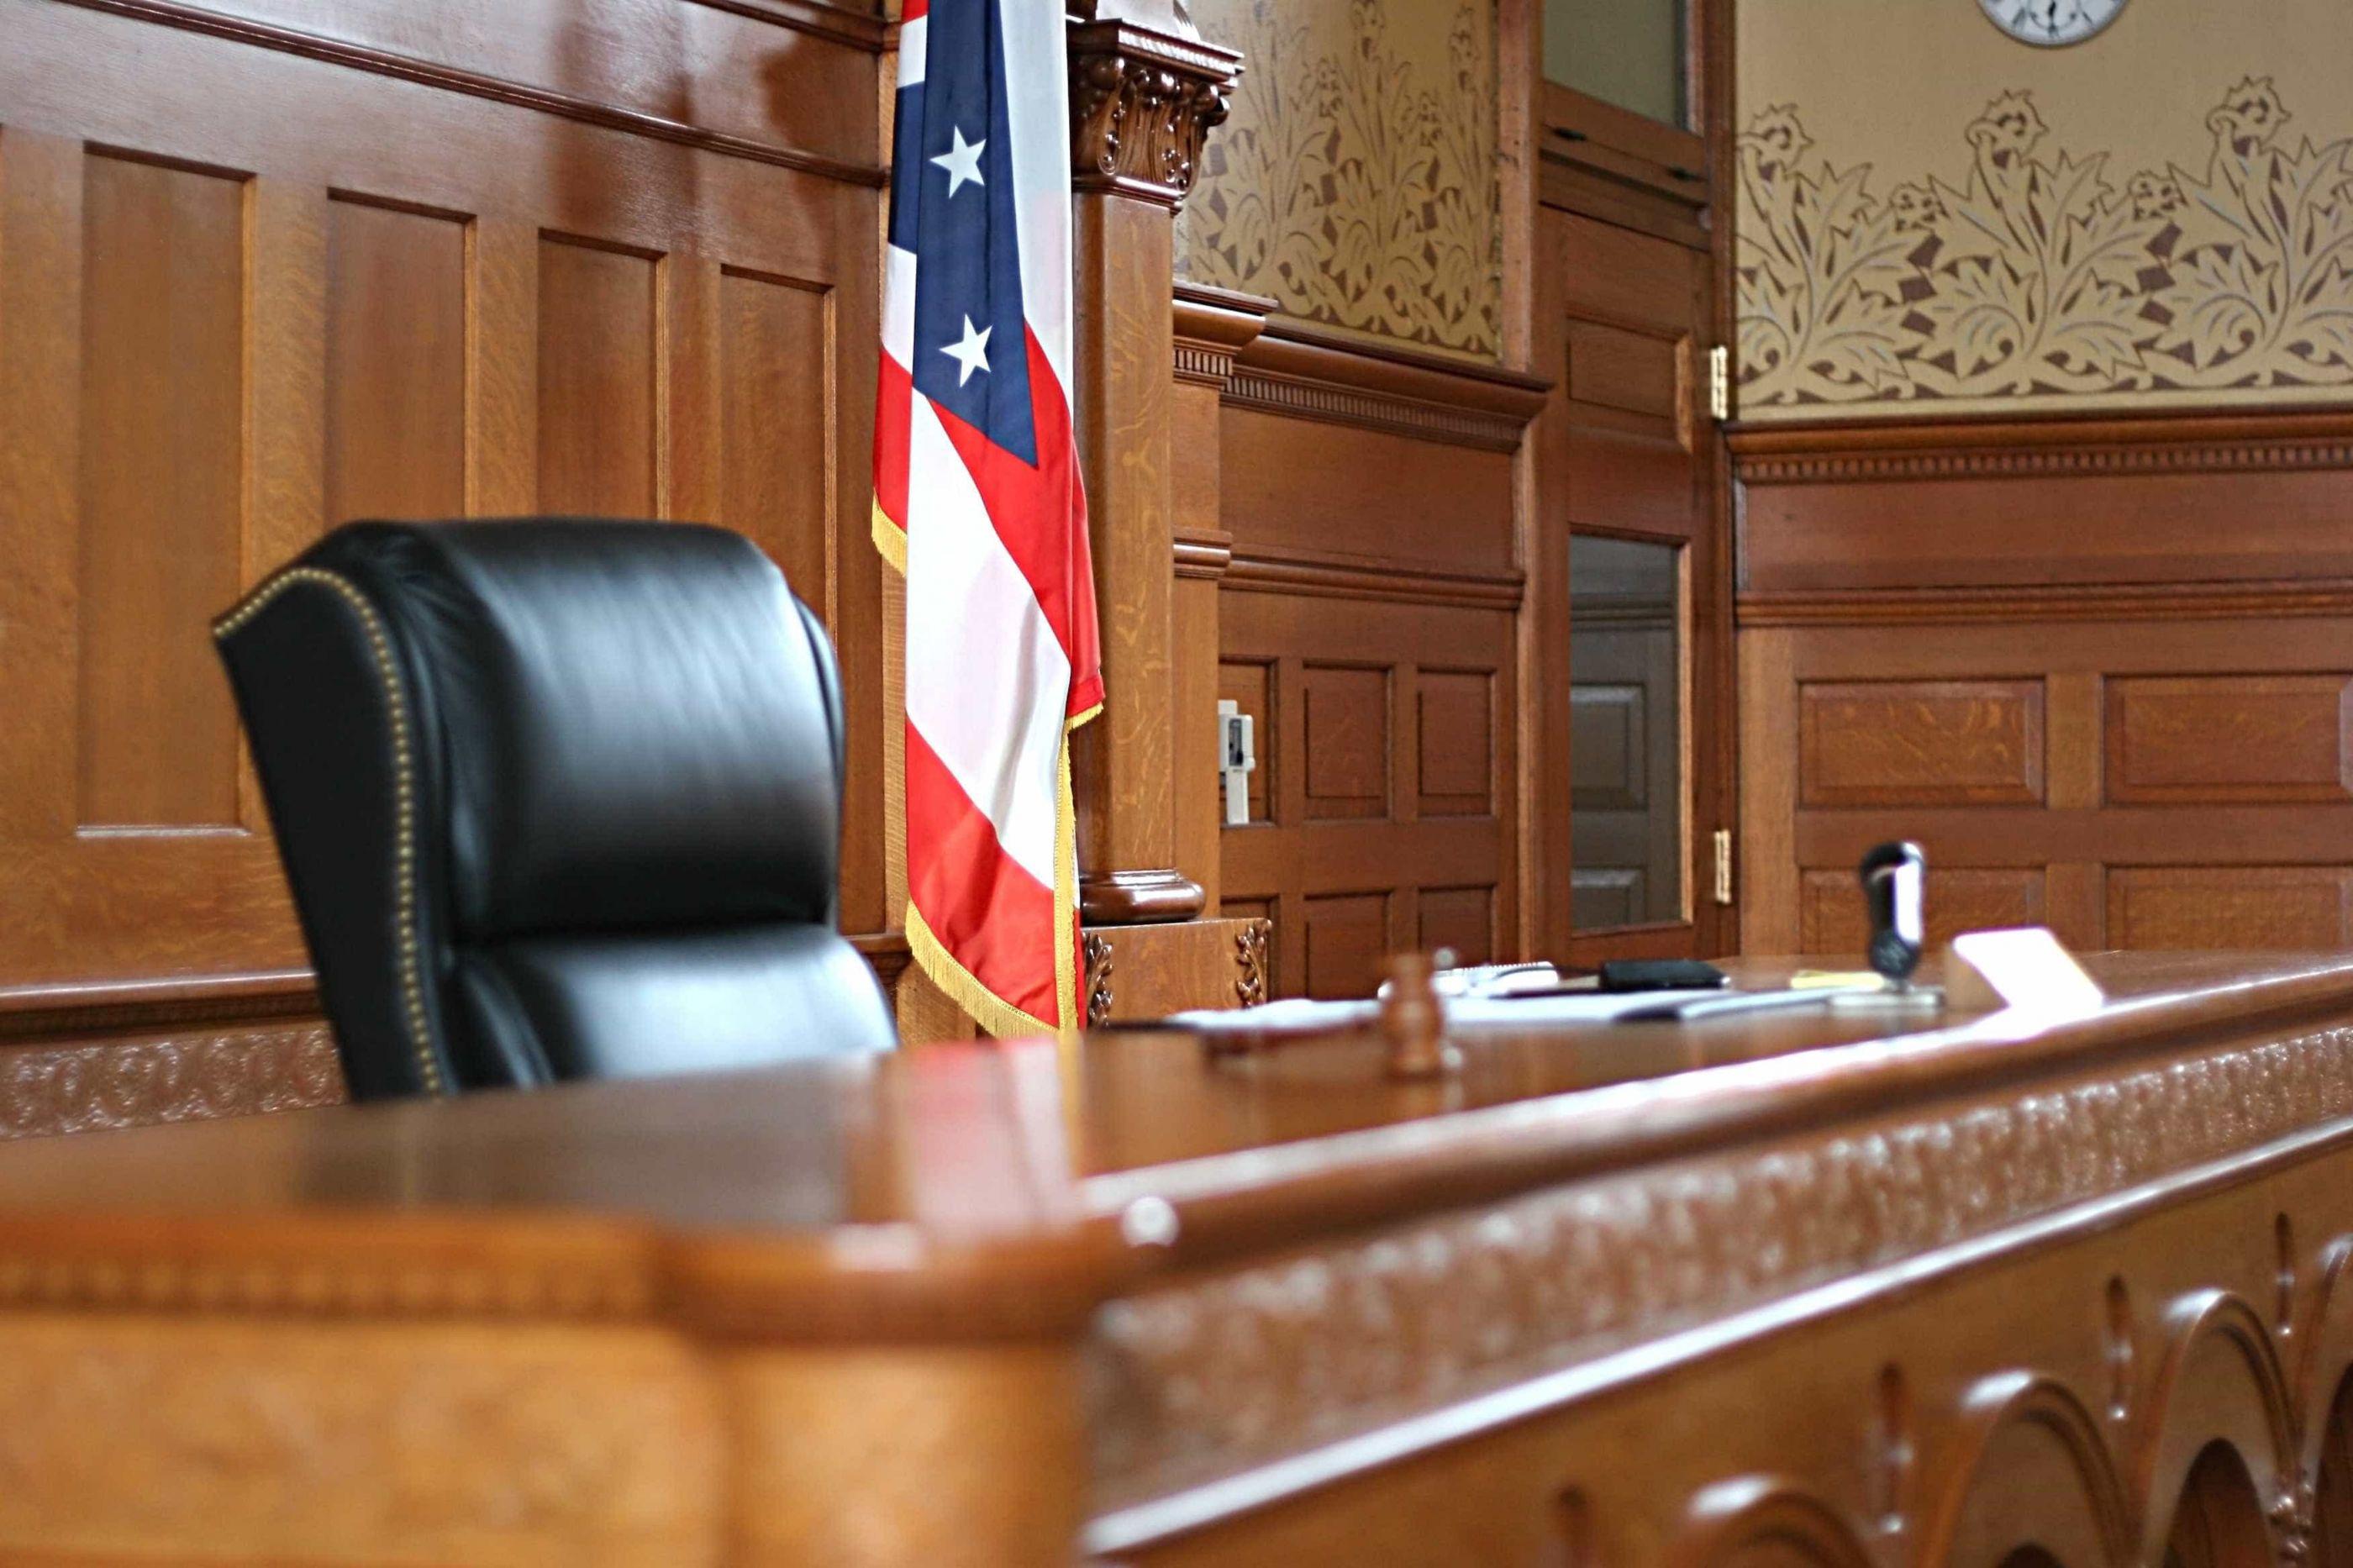 Juíza impede jovem no Havai de beber Pepsi durante quatro anos